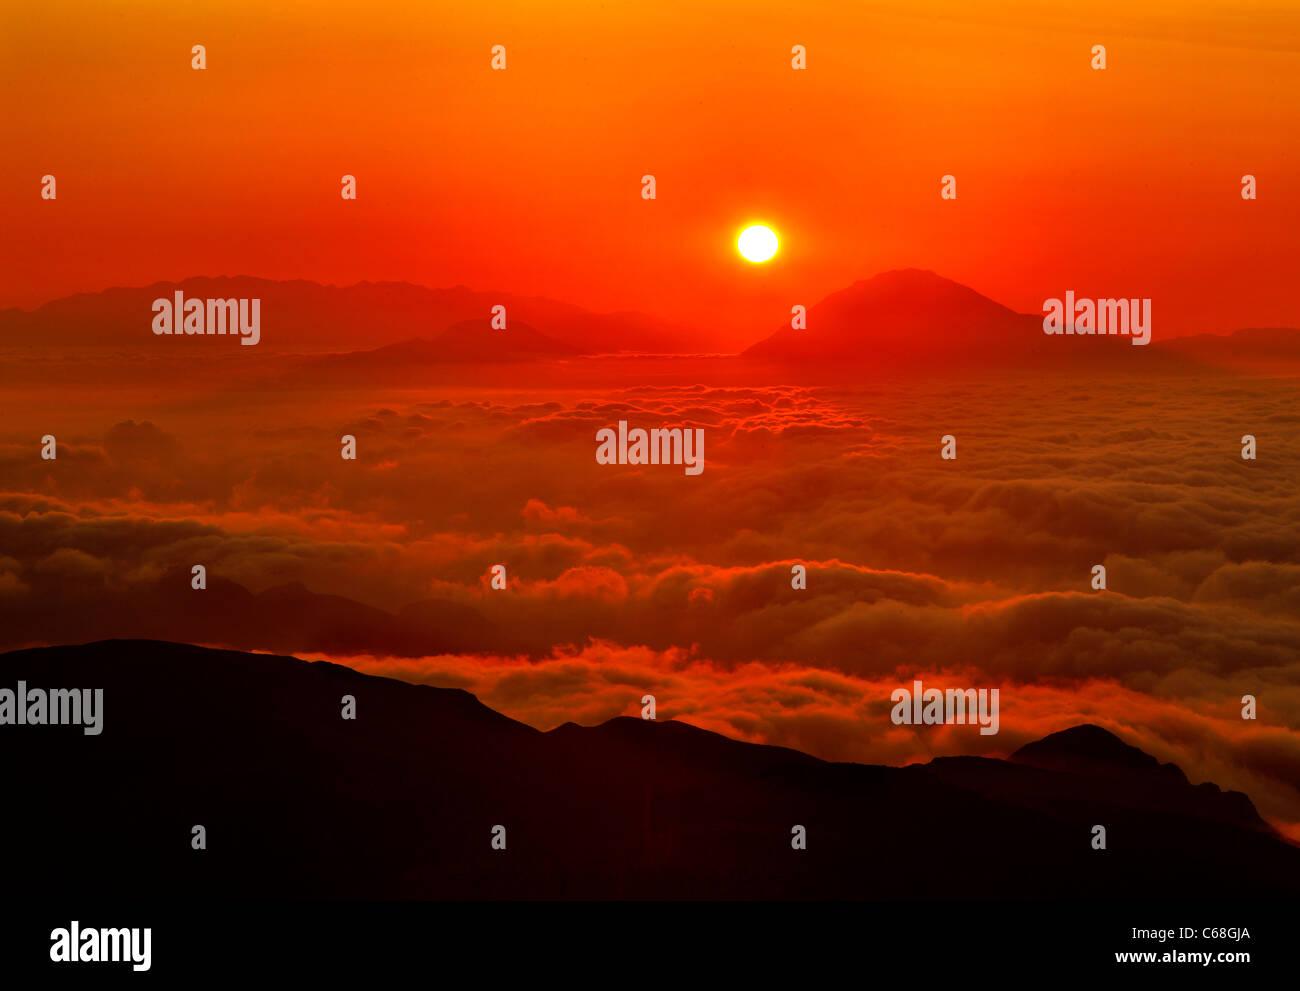 Impostazione di sole sopra un mare di nuvole. Foto scattata dal monte Kofinas il picco più alto di Asterousia Immagini Stock